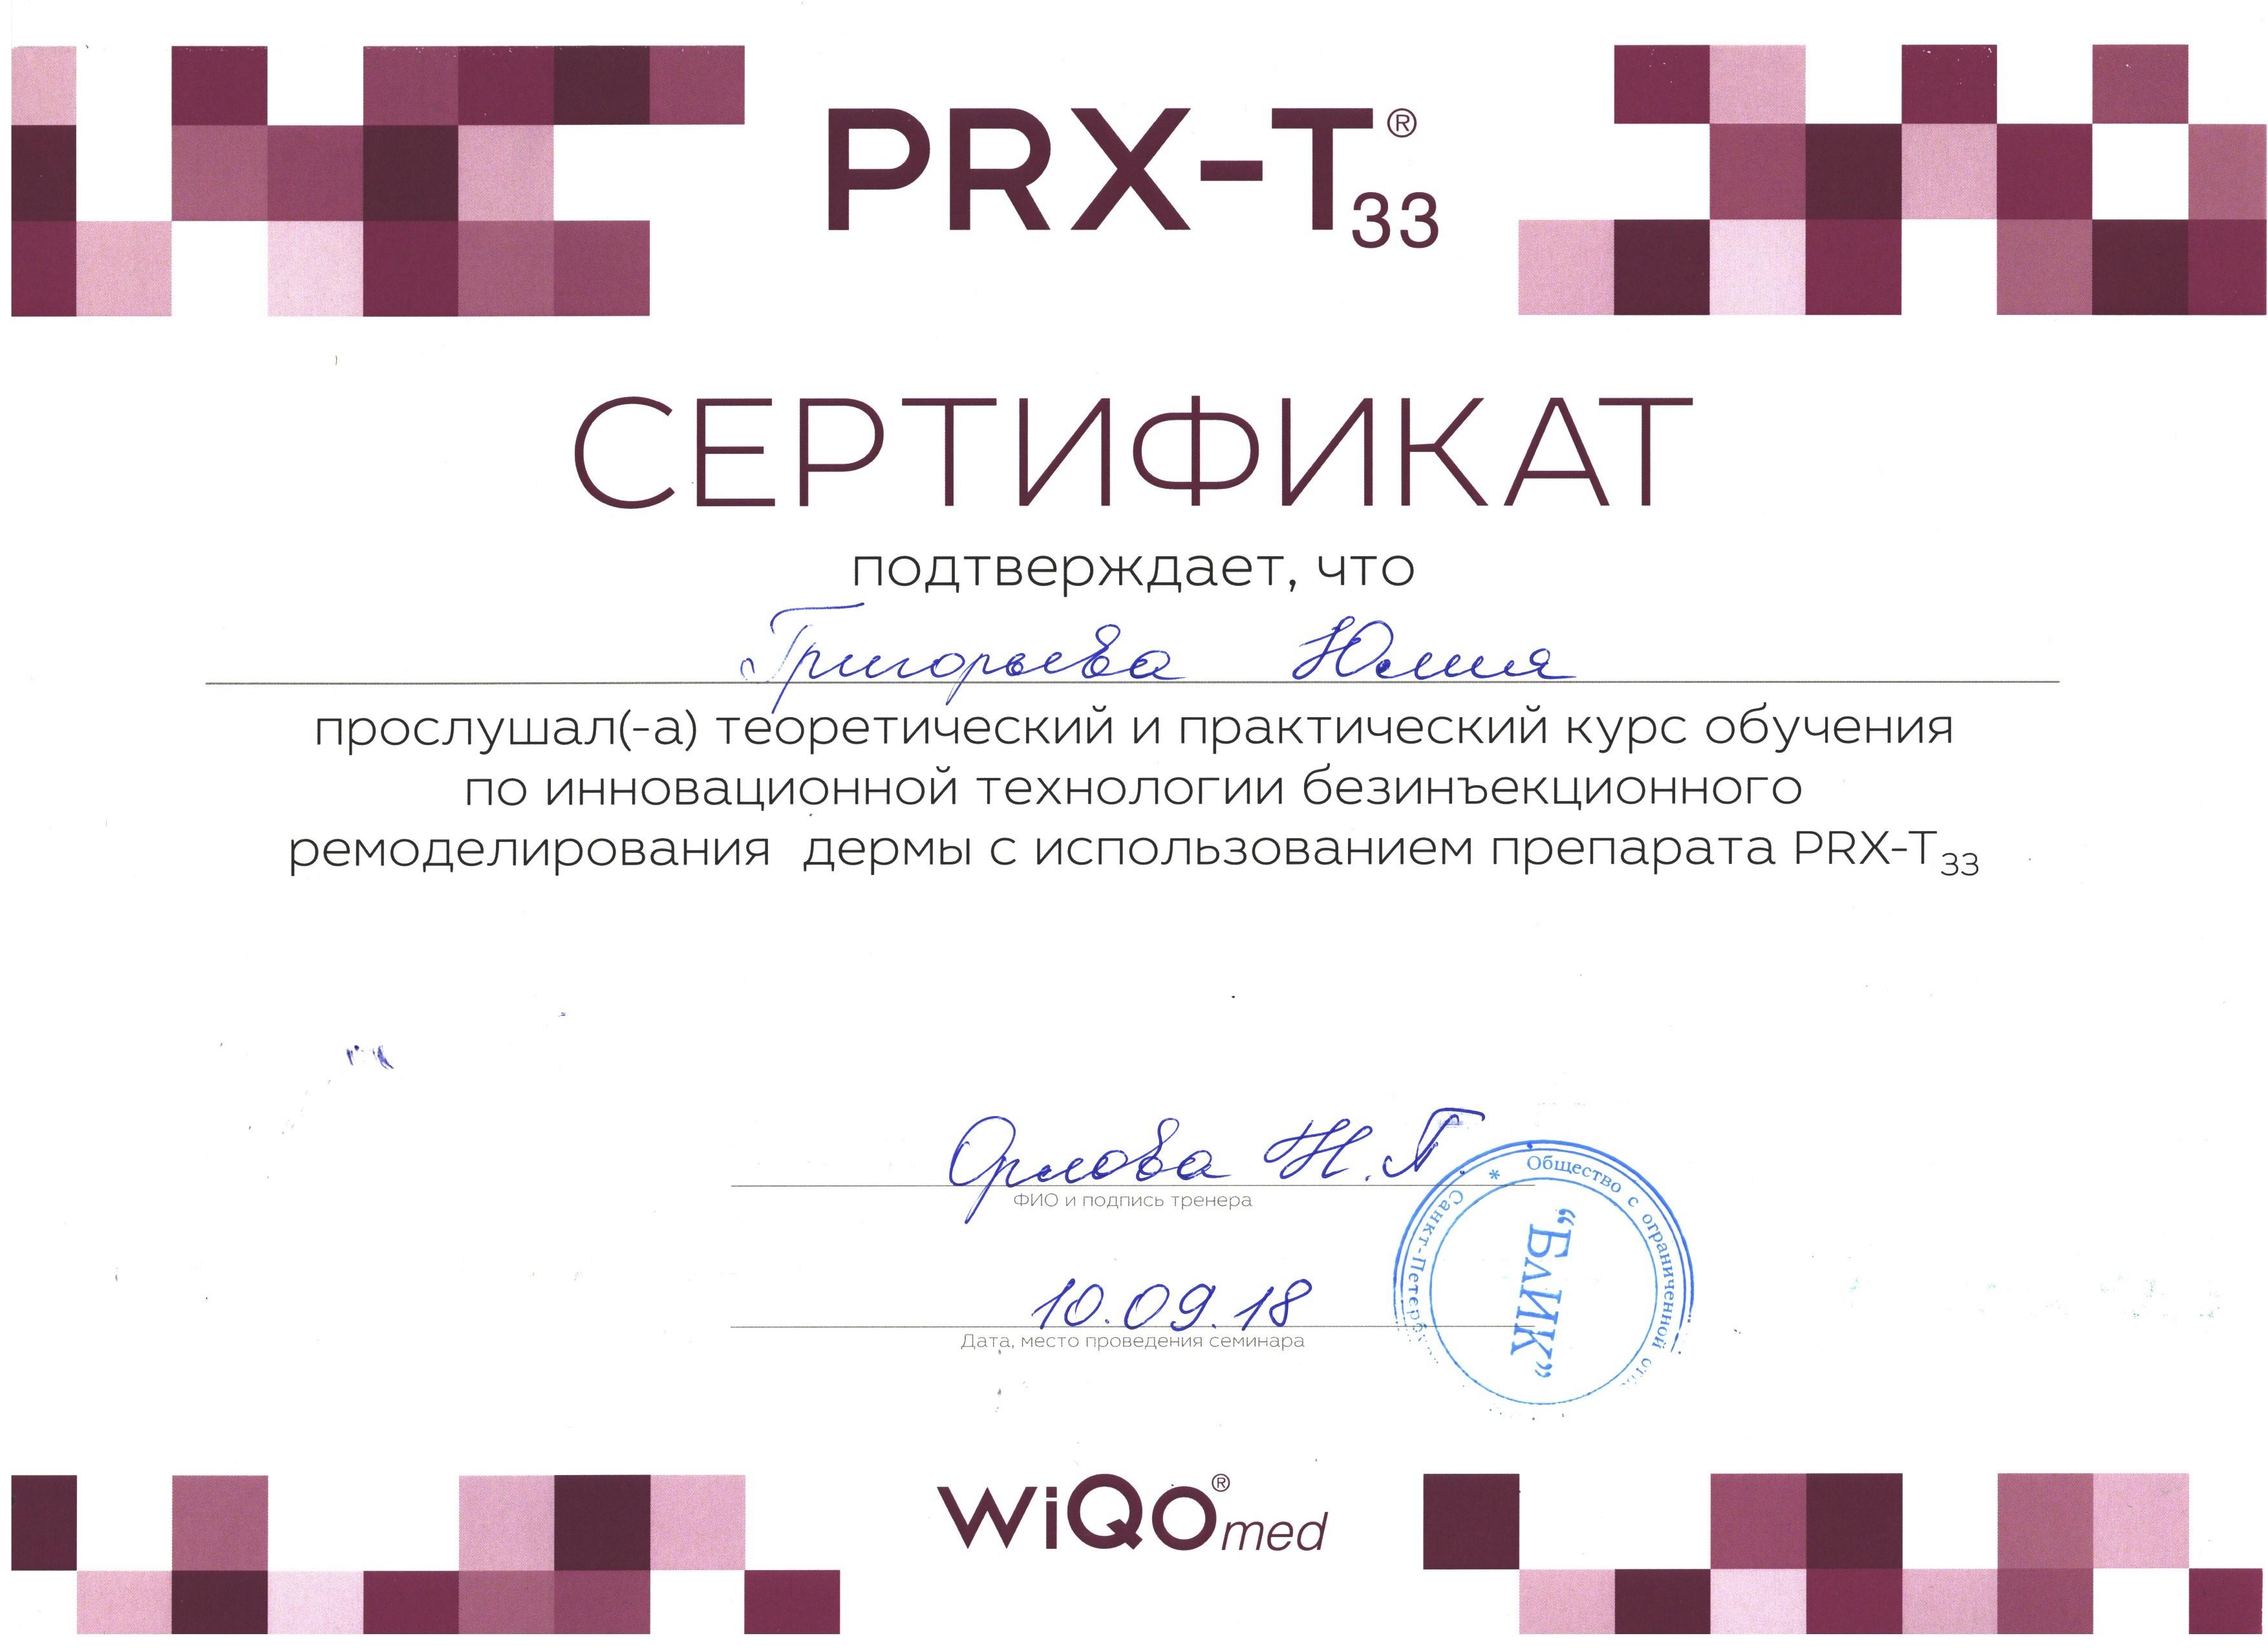 Сертификат Григорьева11